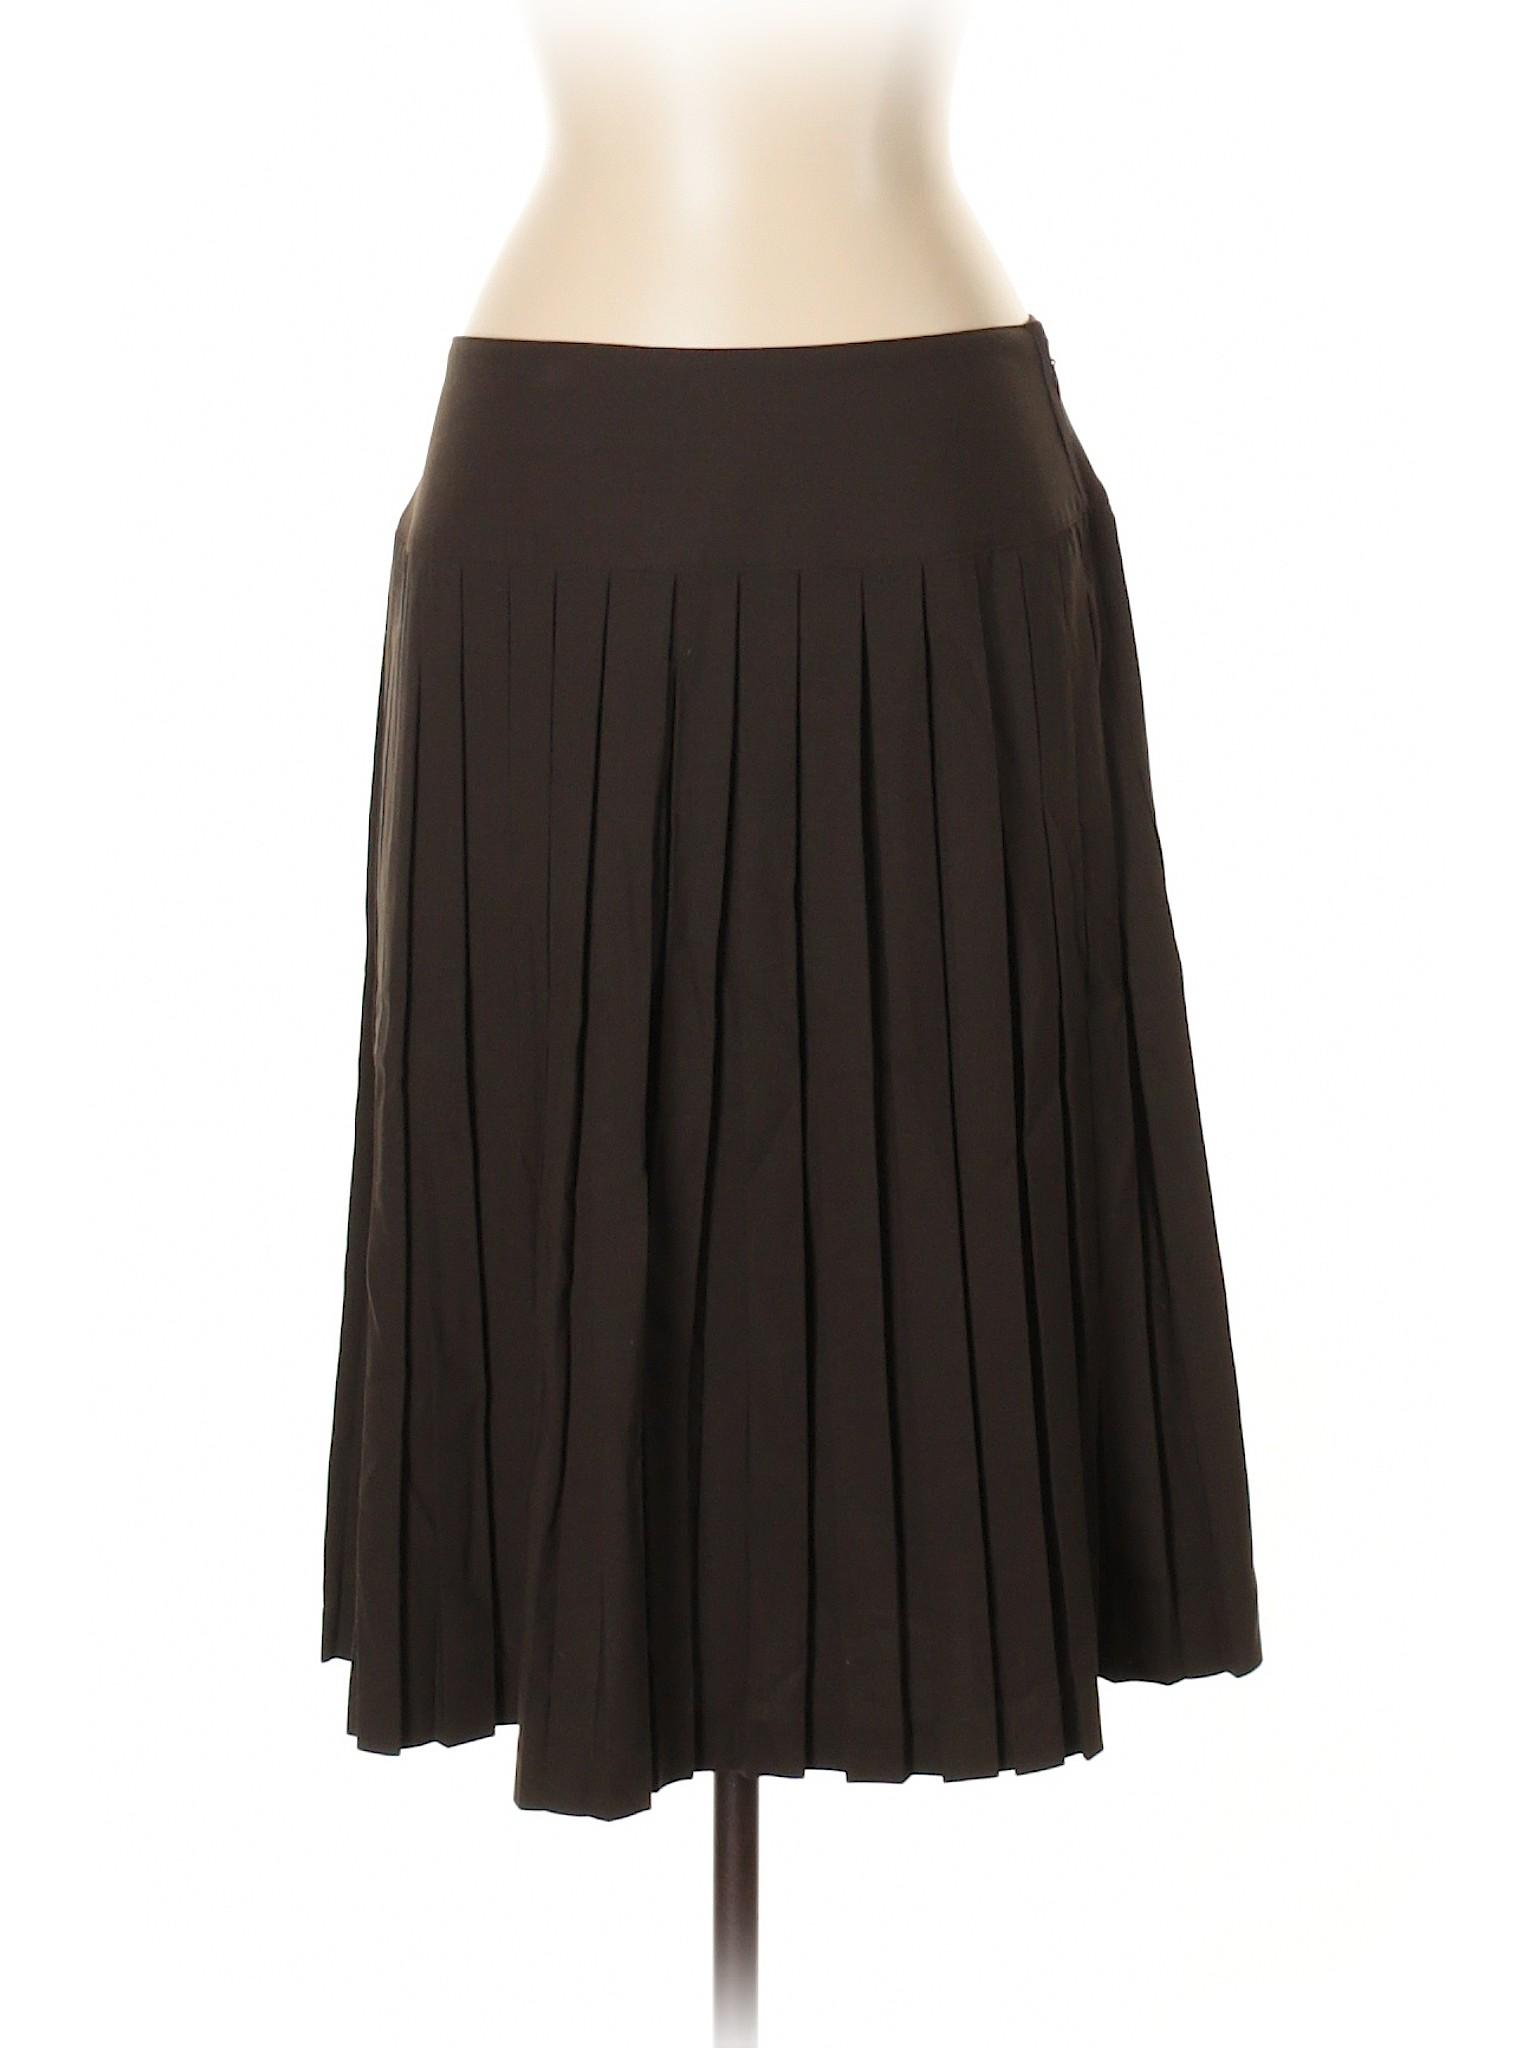 Wool Wool Skirt Boutique Boutique Skirt Skirt Boutique Wool Boutique wT0gTZx